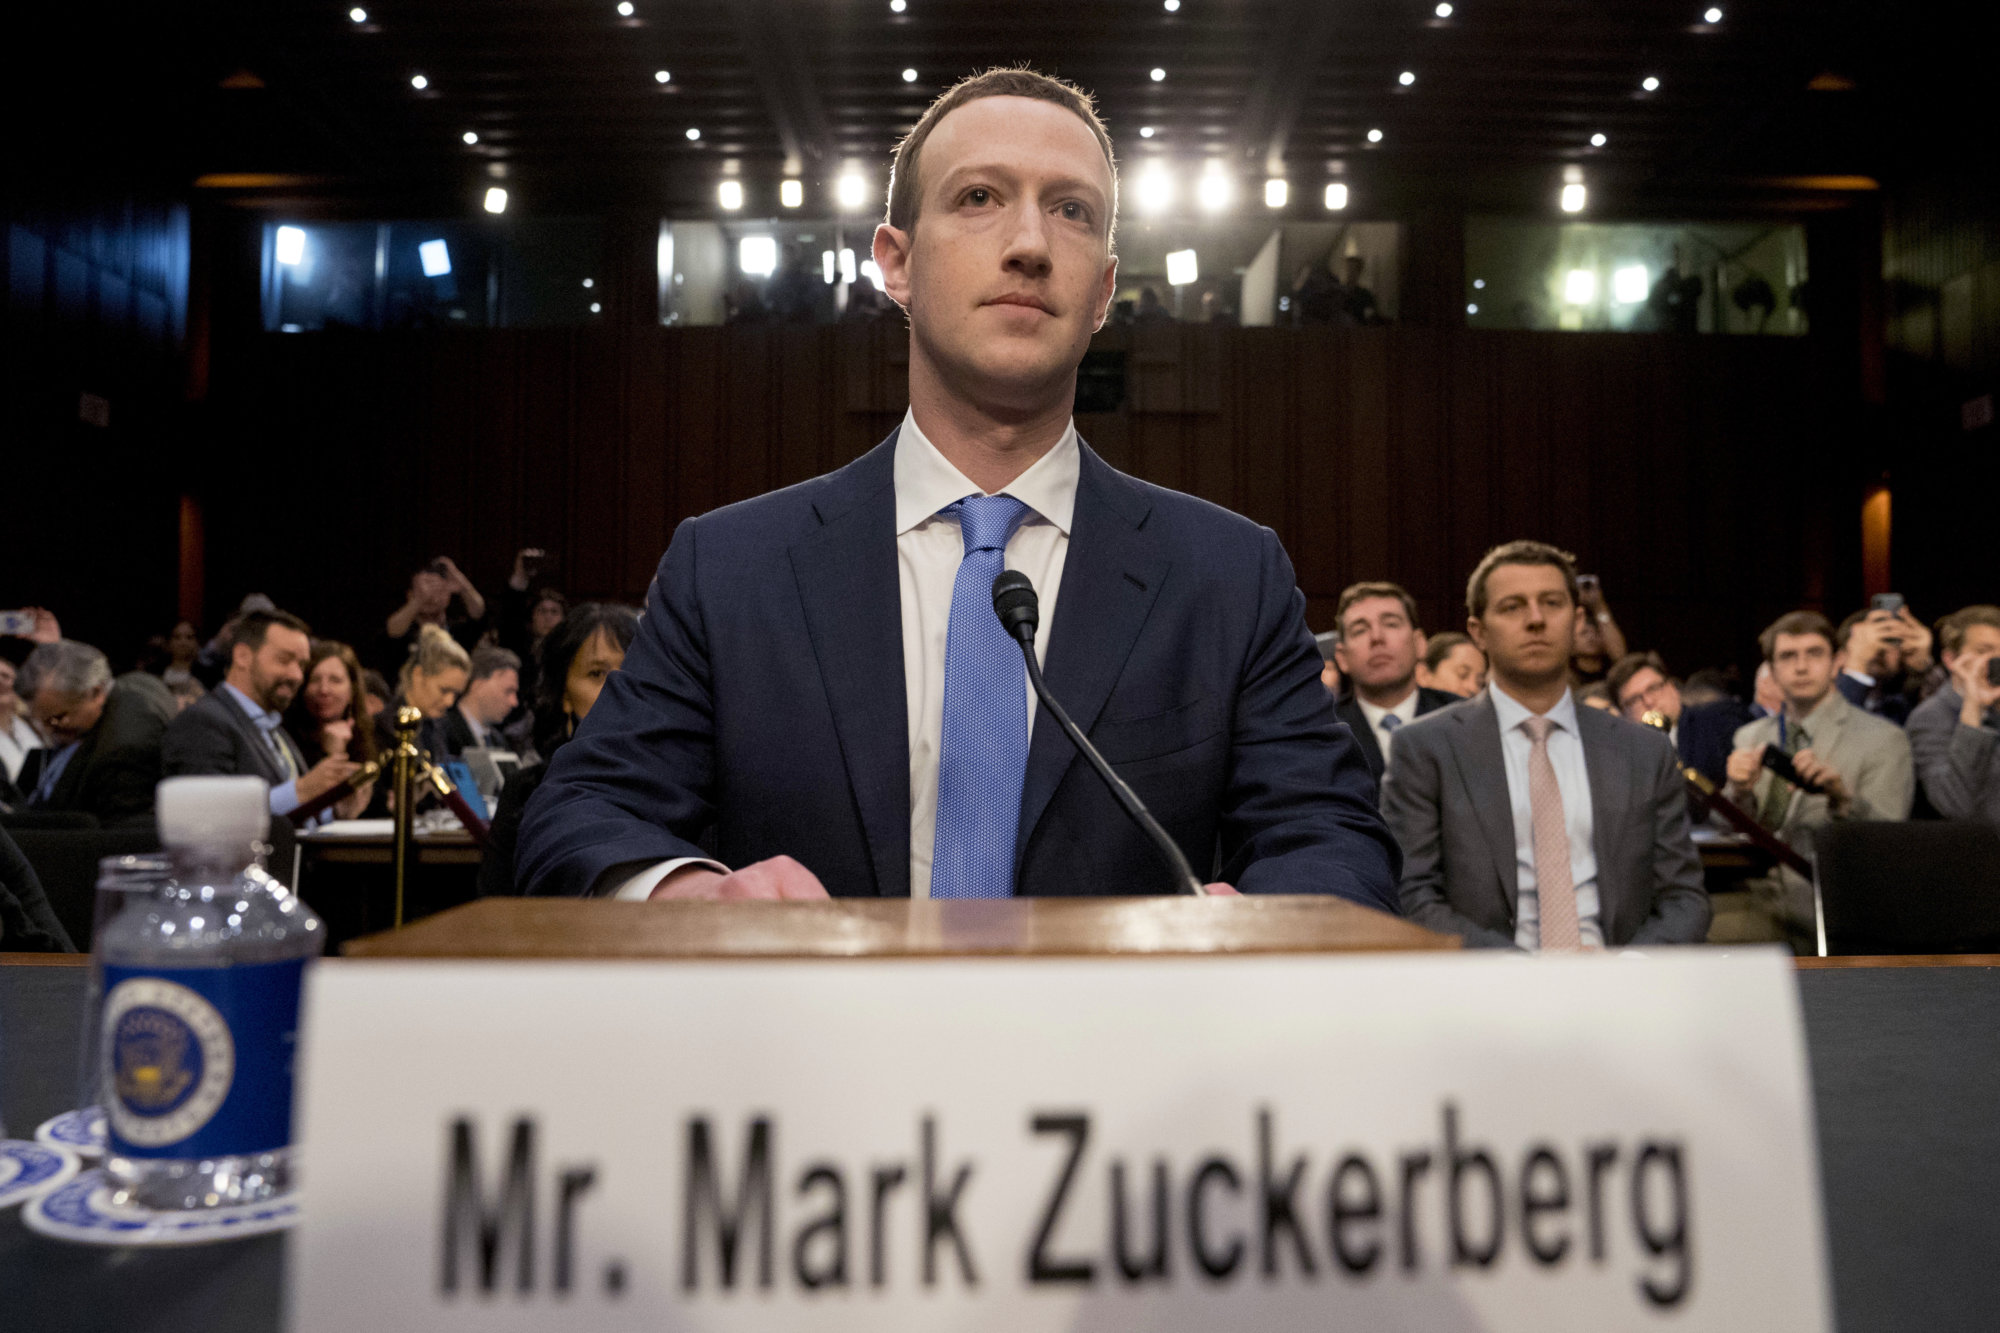 Zuckerberg sa po škandále s dátami v kongrese ospravedlňoval a priznal chyby – Denník N